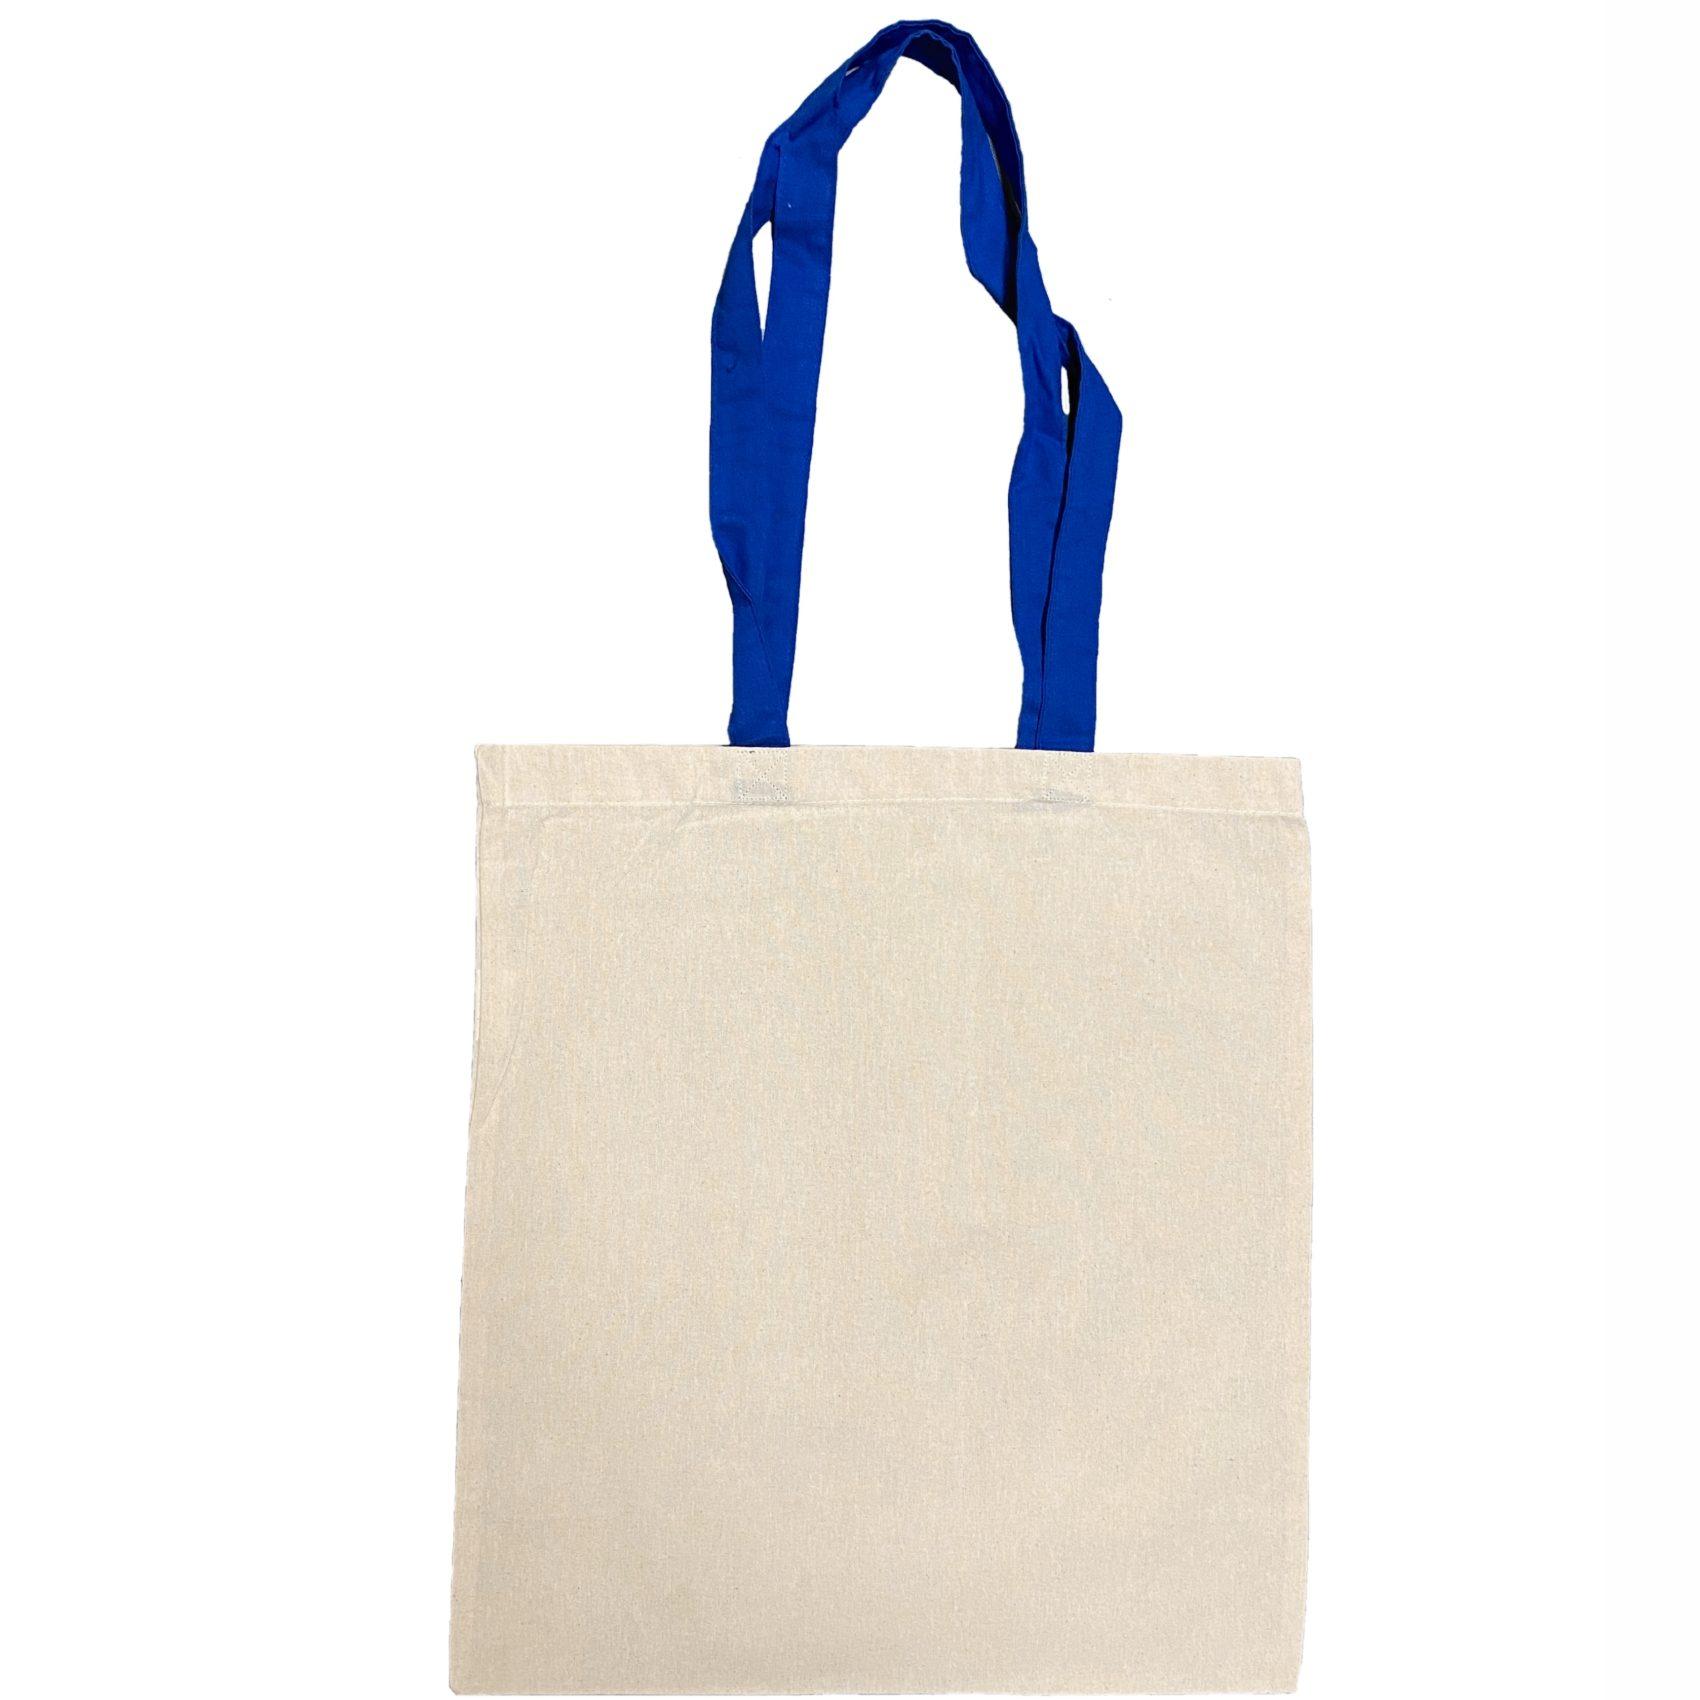 torba bawelniana ecru z niebieskimi uszami